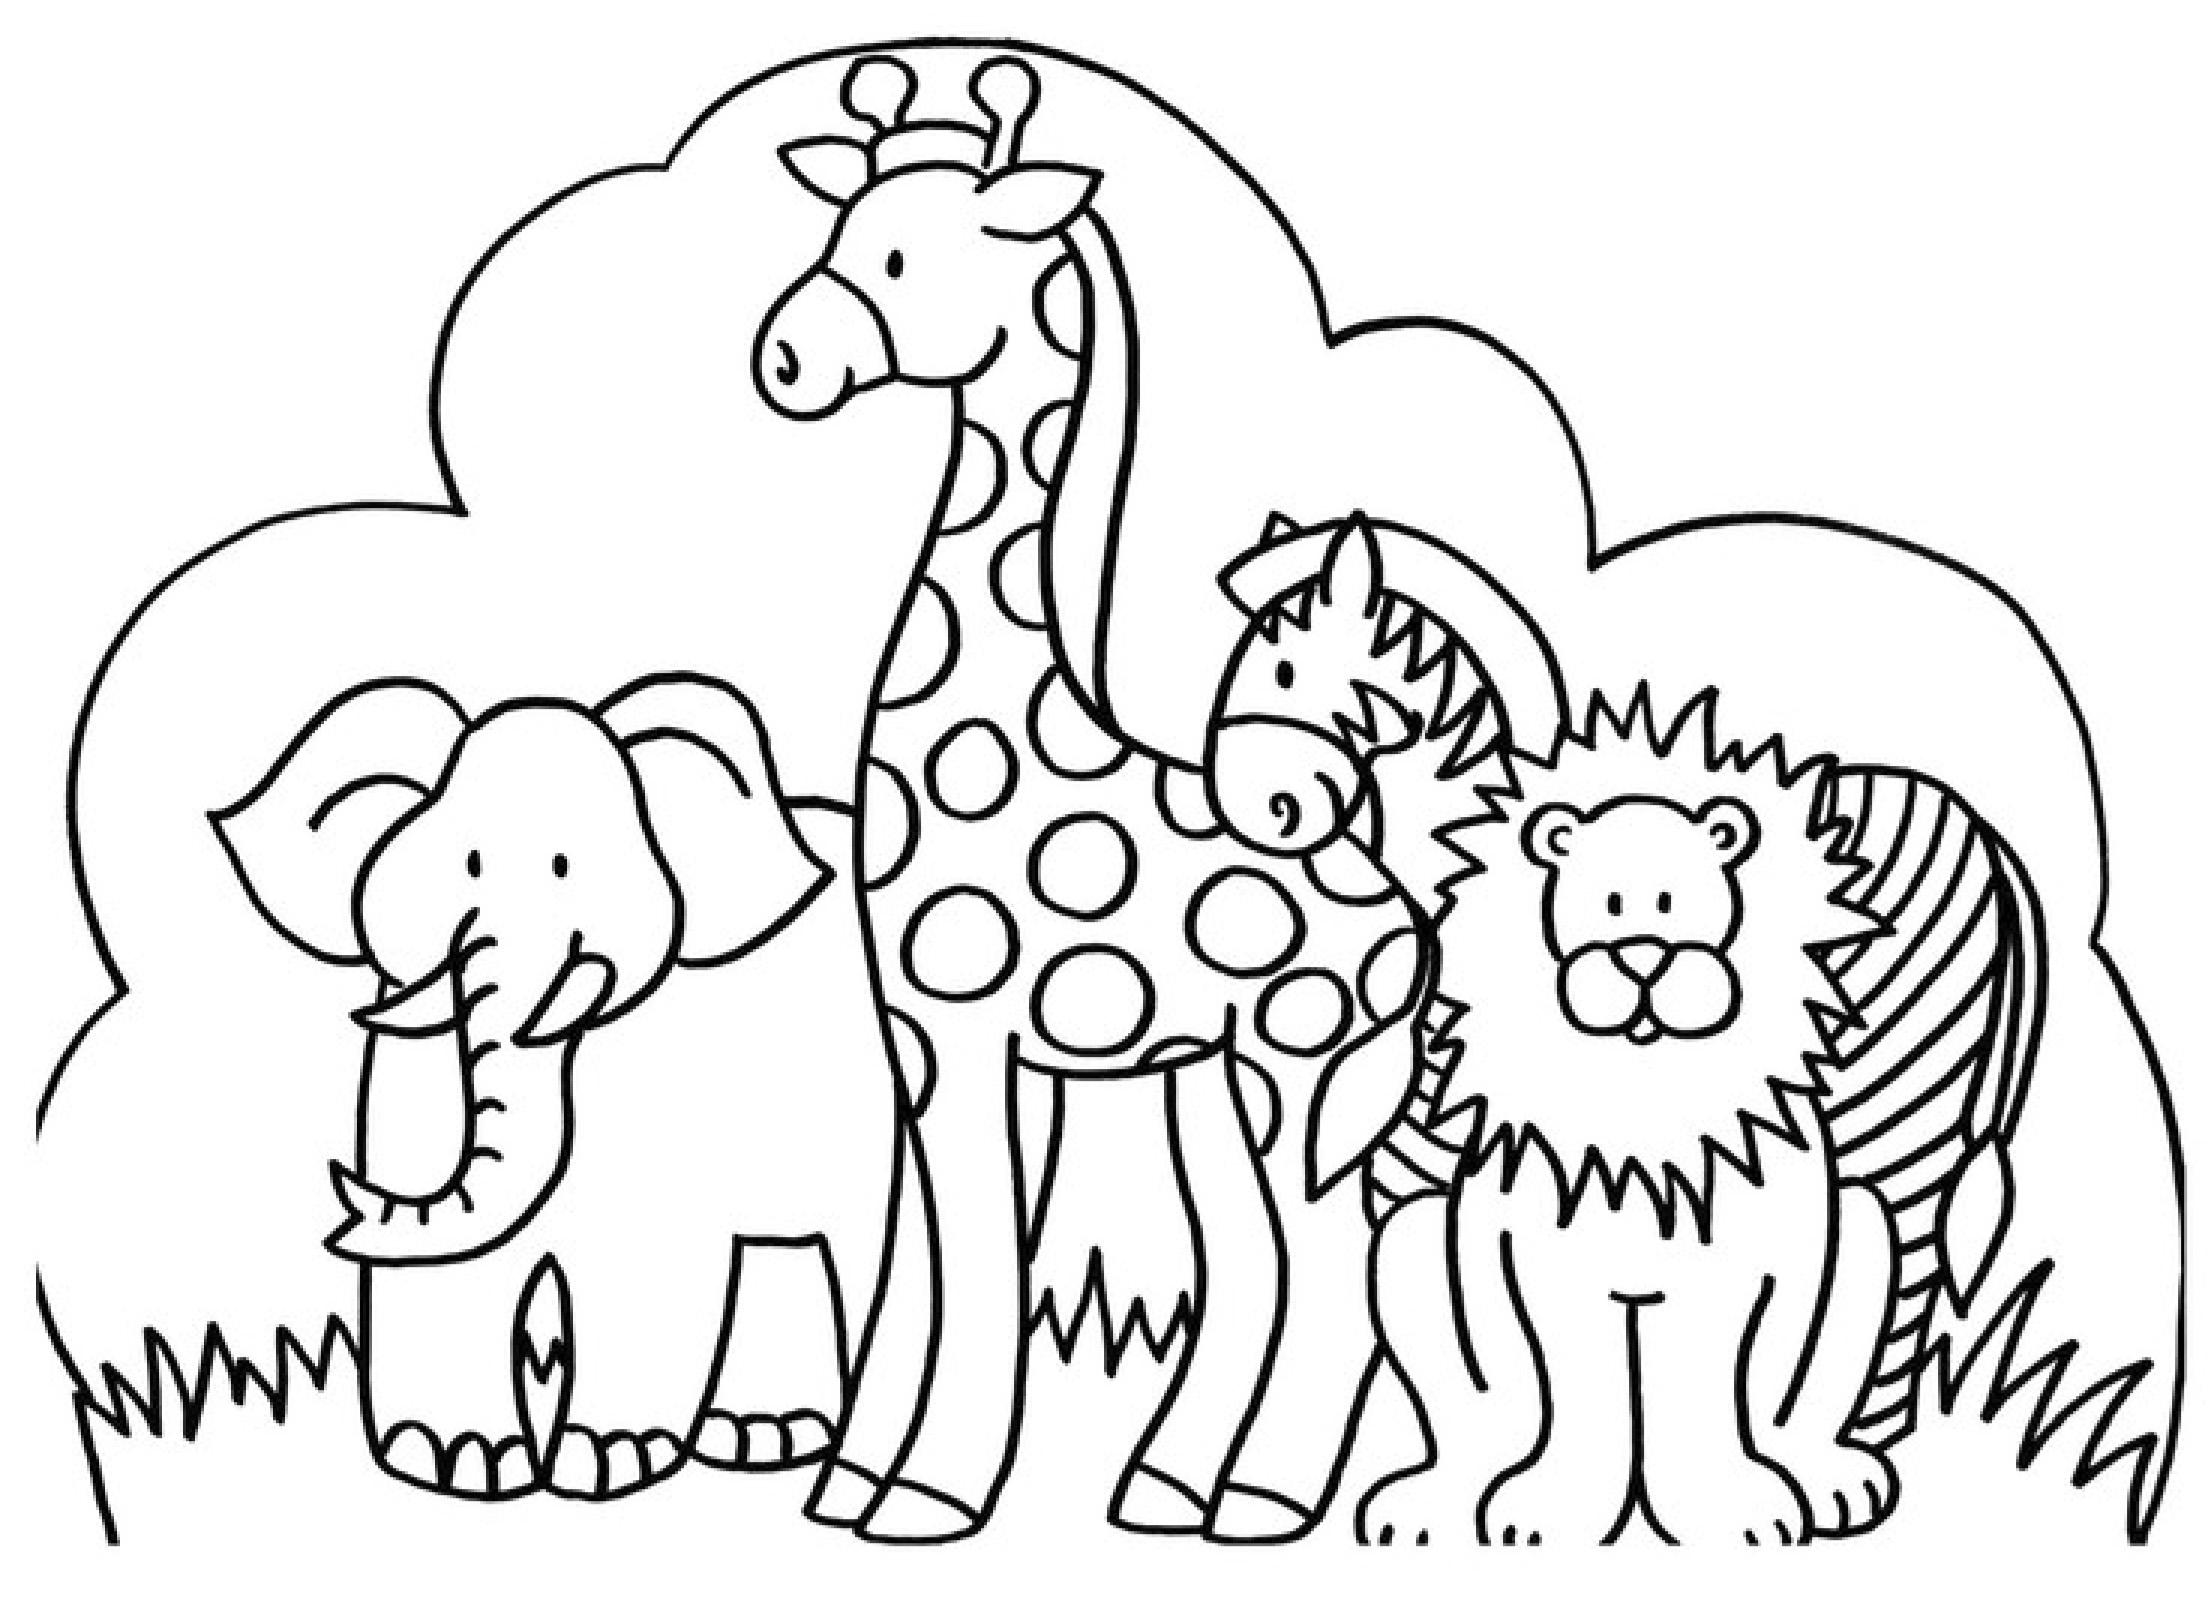 Malvorlagen Tiere - Ausmalbilder zum Ausdrucken myToys Blog